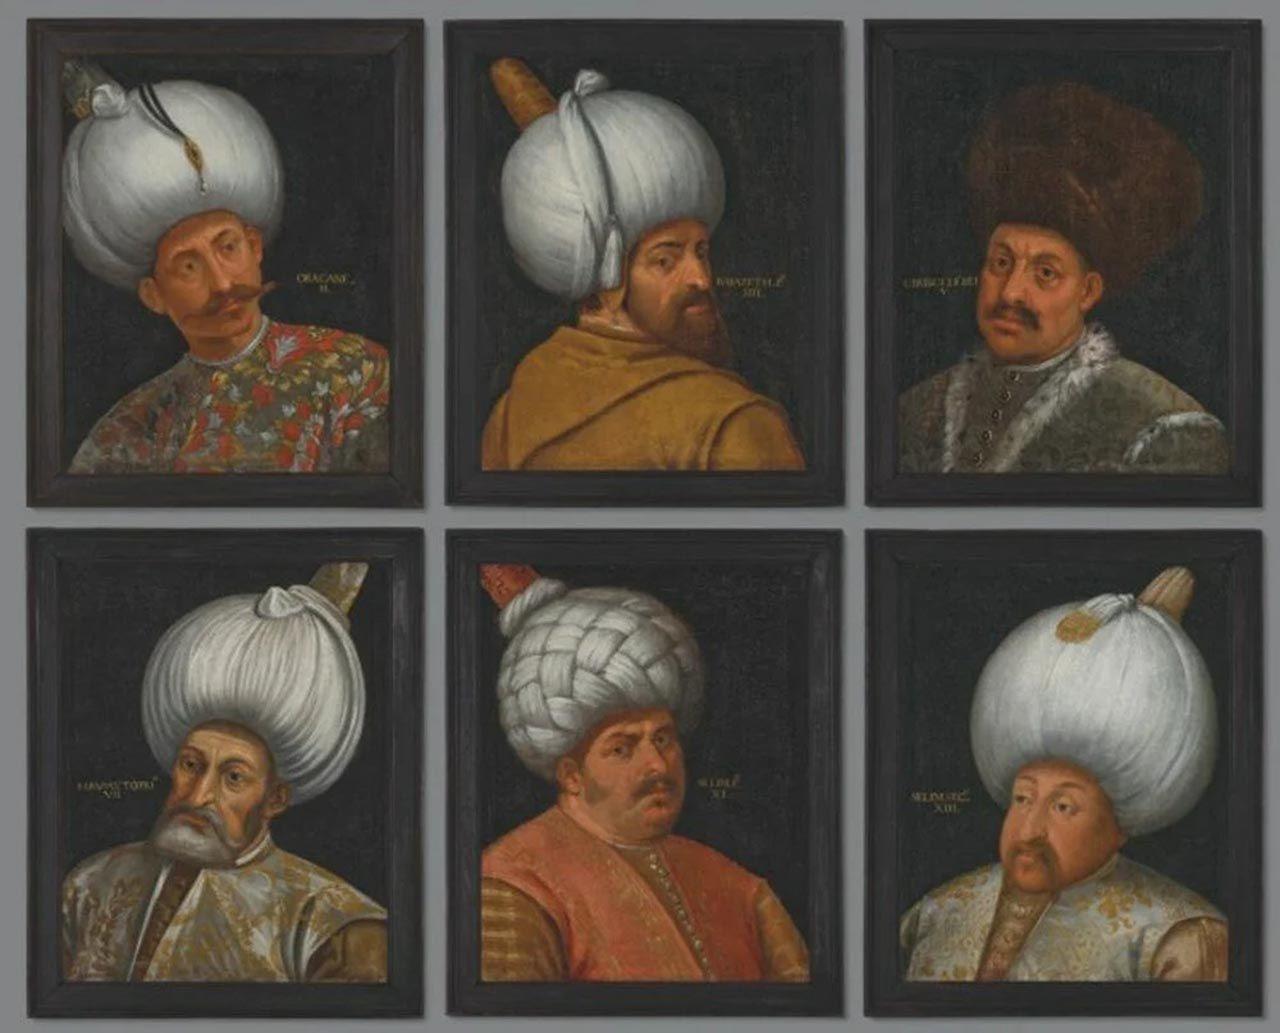 Osmanlı padişahlarının portreleri açık artırmayla satılacak - Resim: 1